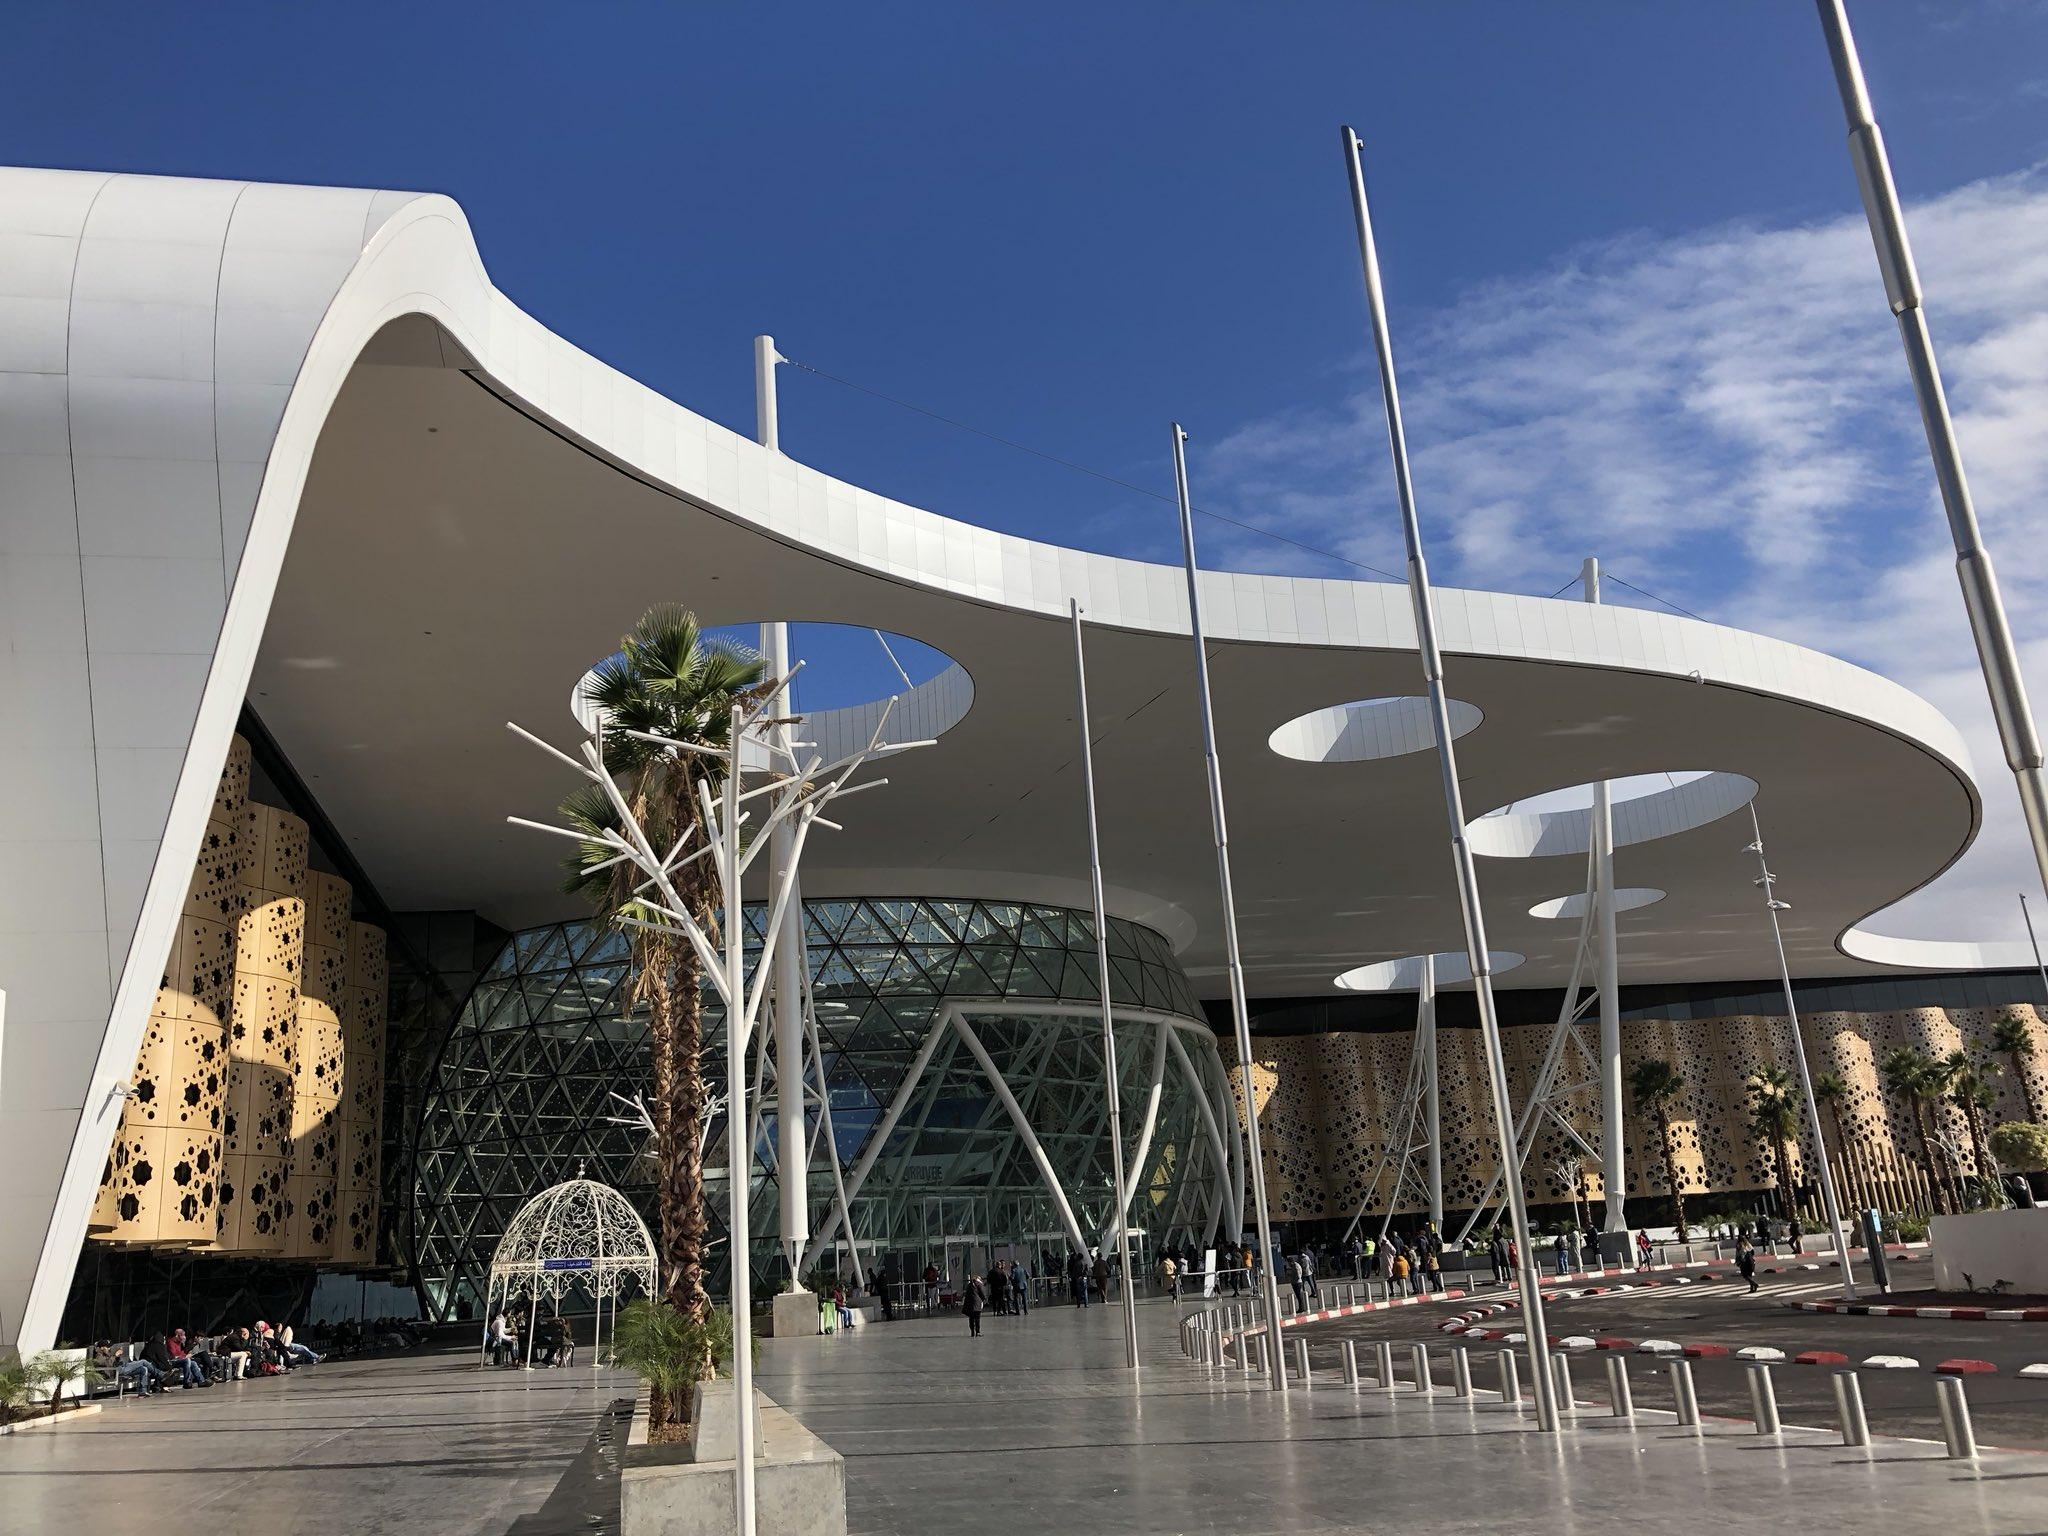 aeropuerto de menara marrakech